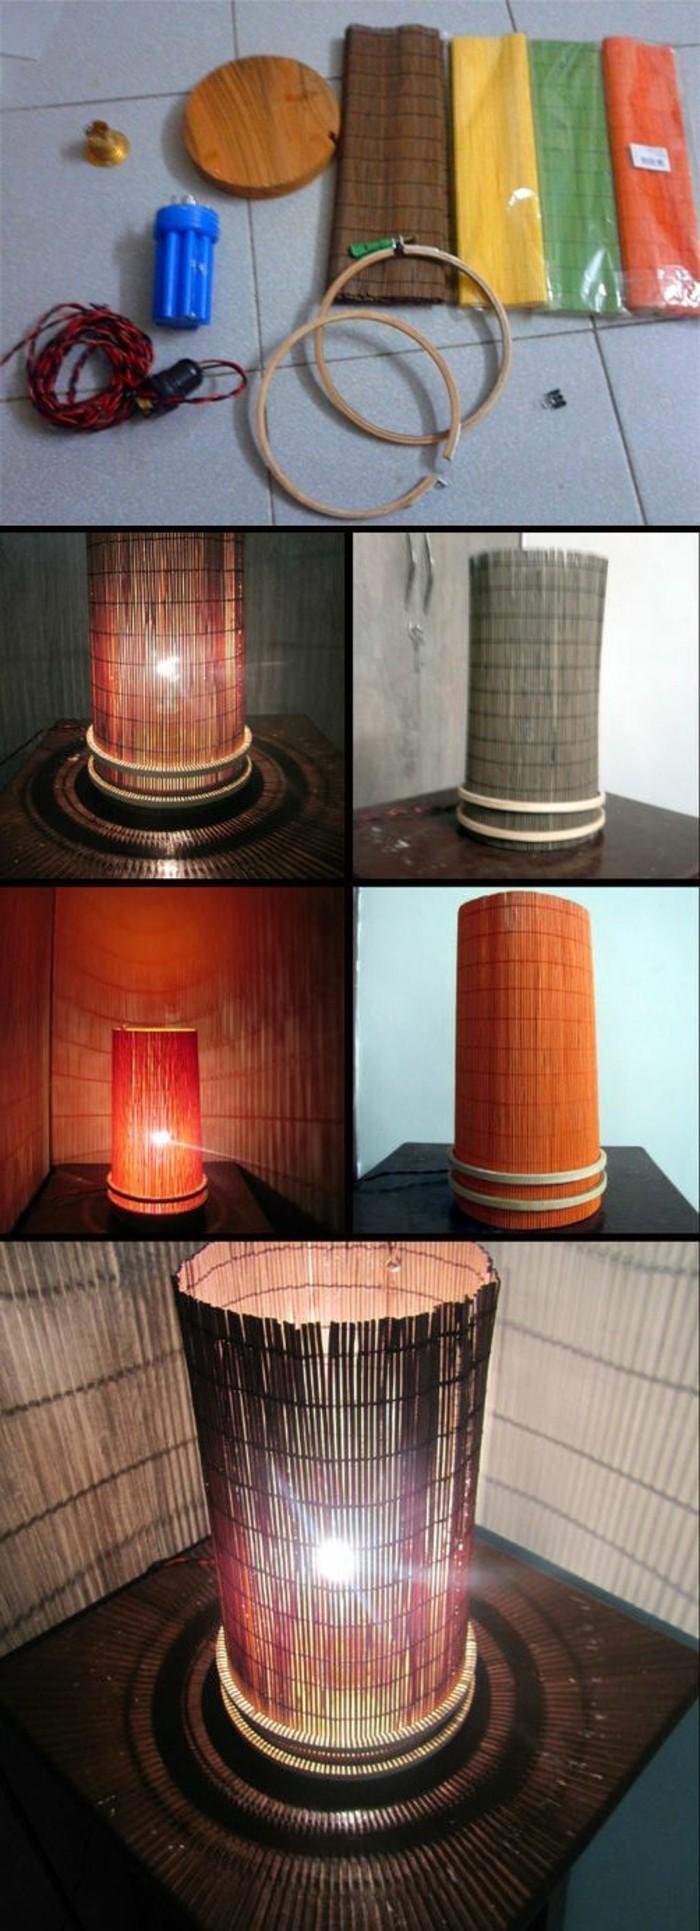 lmpenschirm-selber-machen-seil-licht-essunterlagen-tisch